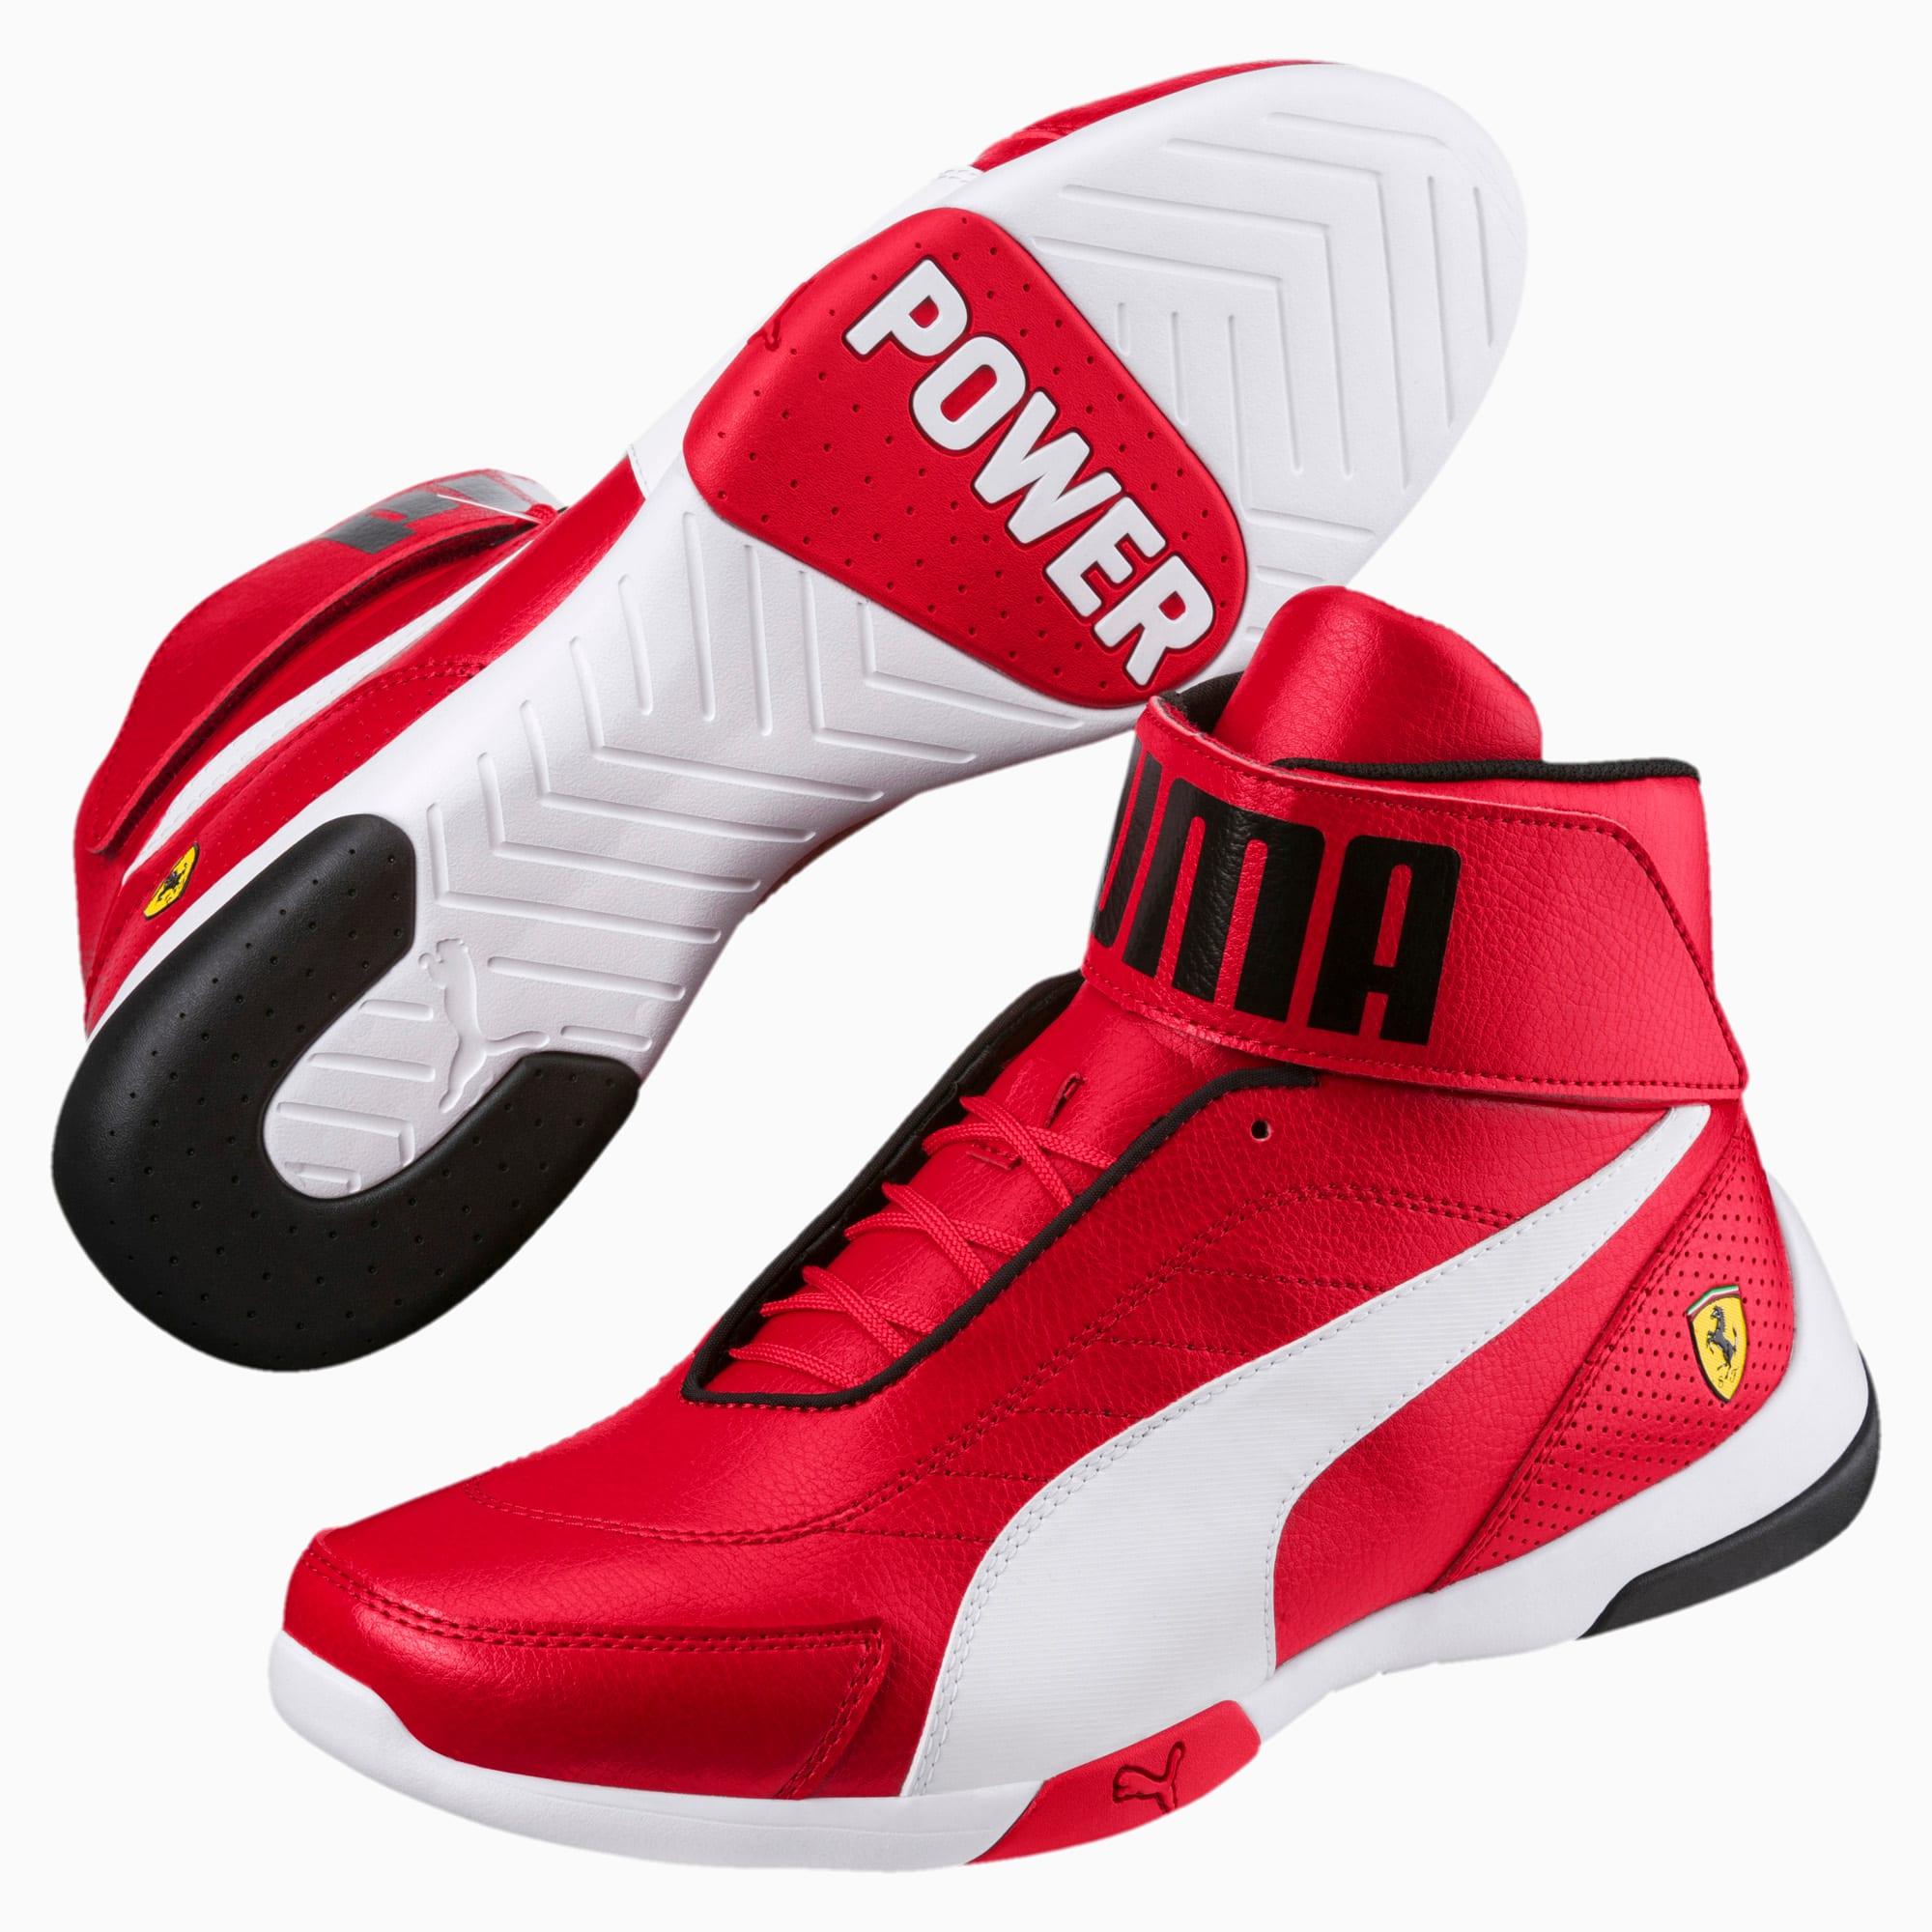 Scuderia Ferrari Kart Cat Mid III Hi Top Shoes